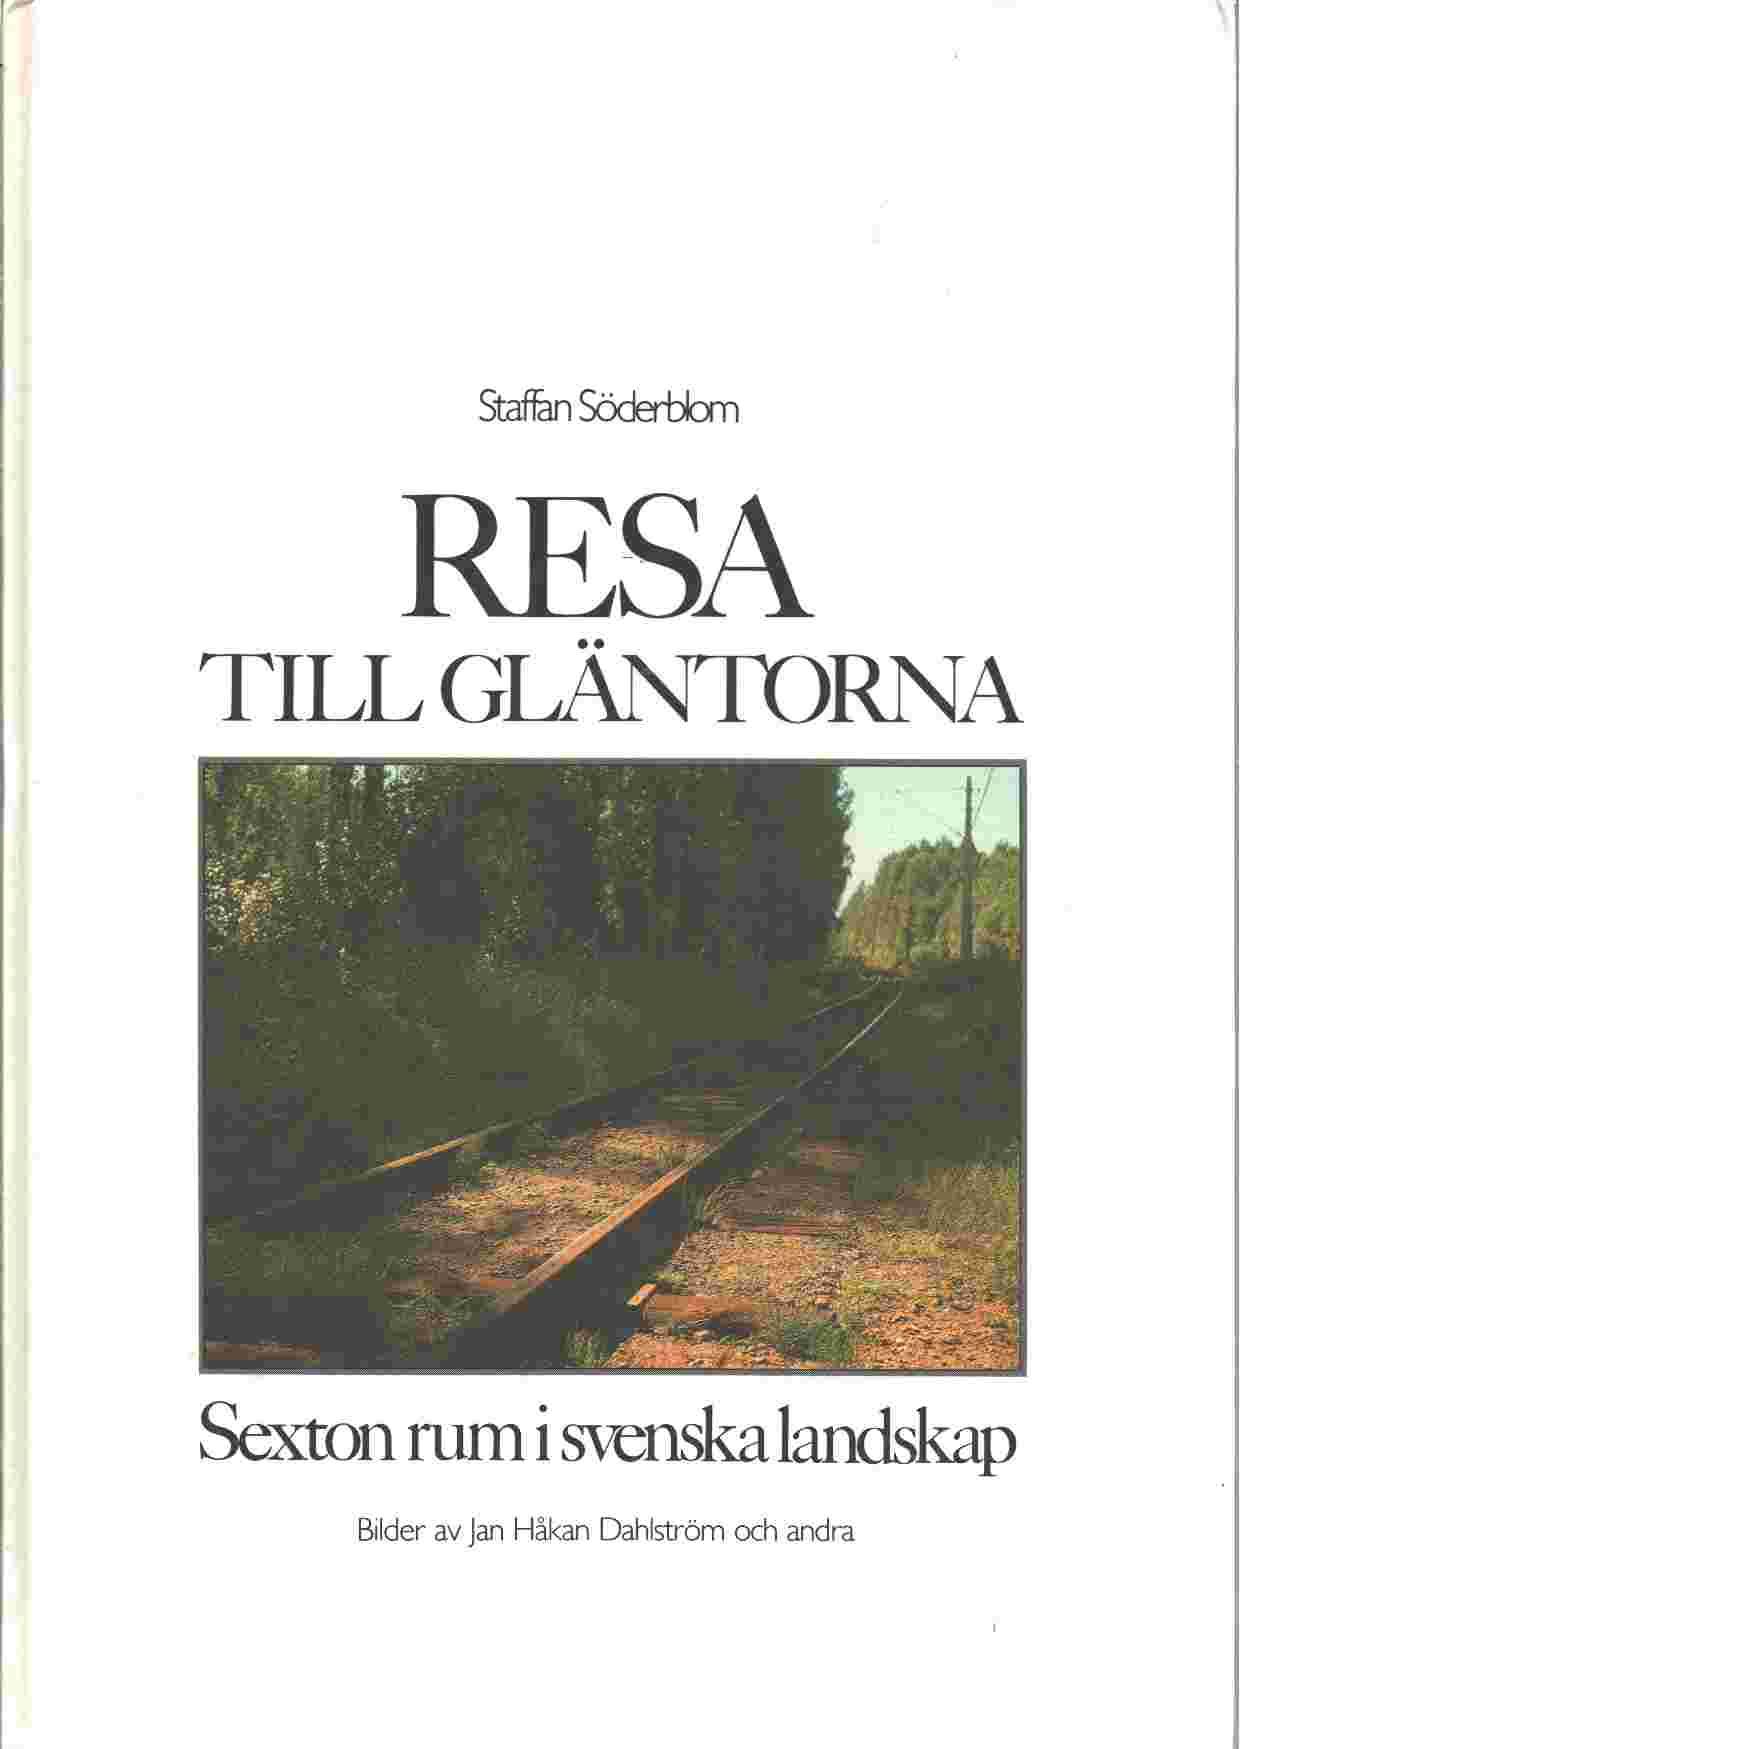 Resa till Gläntorna : sexton rum i svenska landskap - Söderblom, Staffan